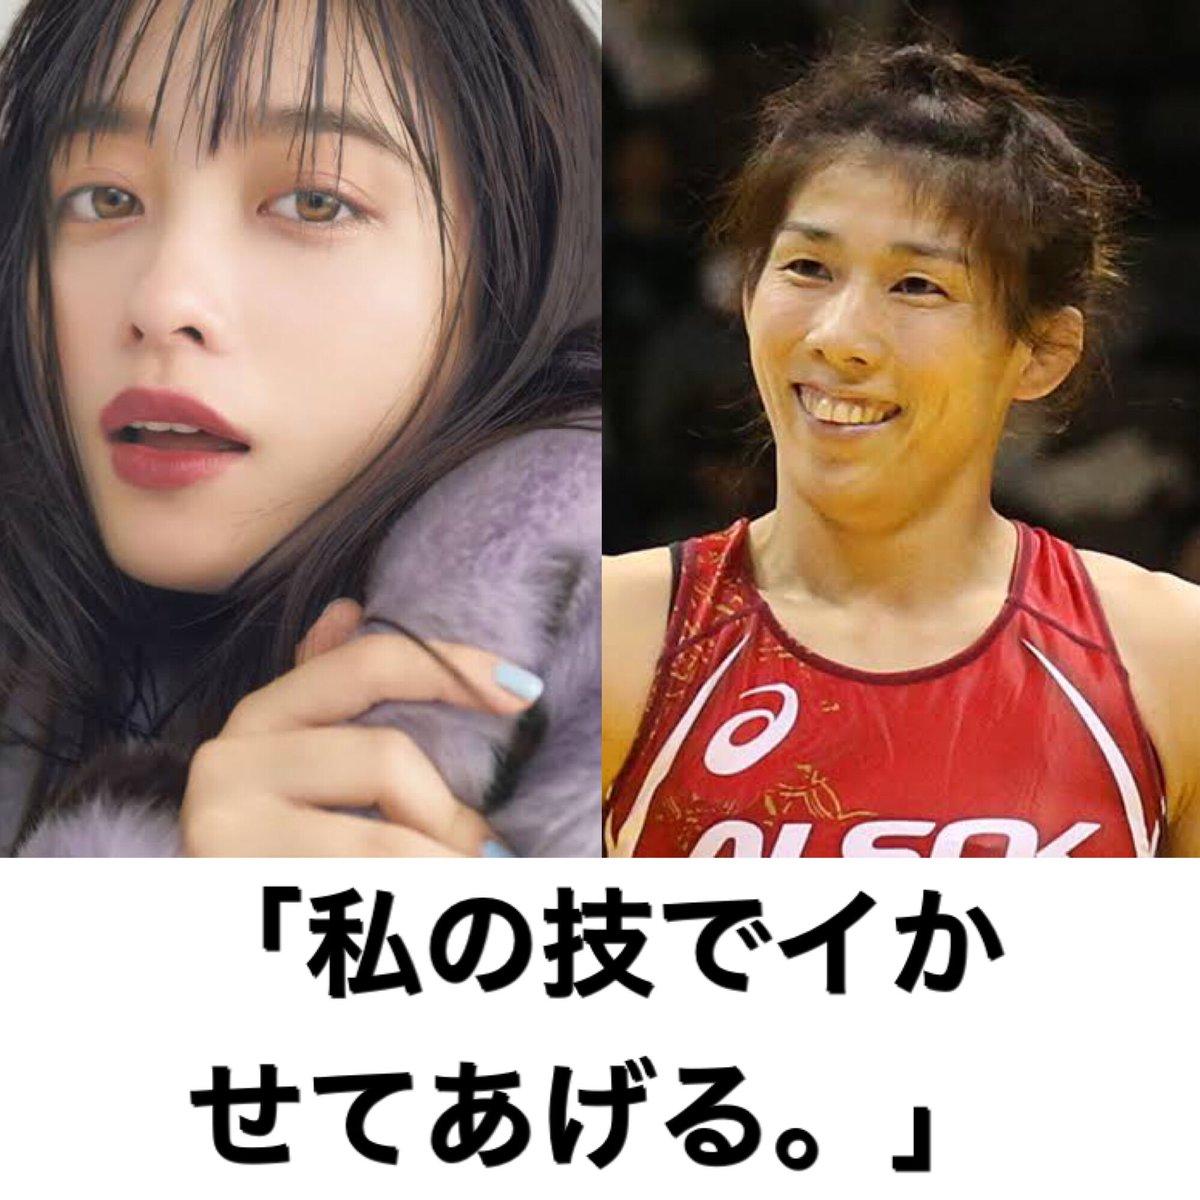 橋本環奈と吉田沙保里に同じセリフ言わせたら全然意味が違ってきた。